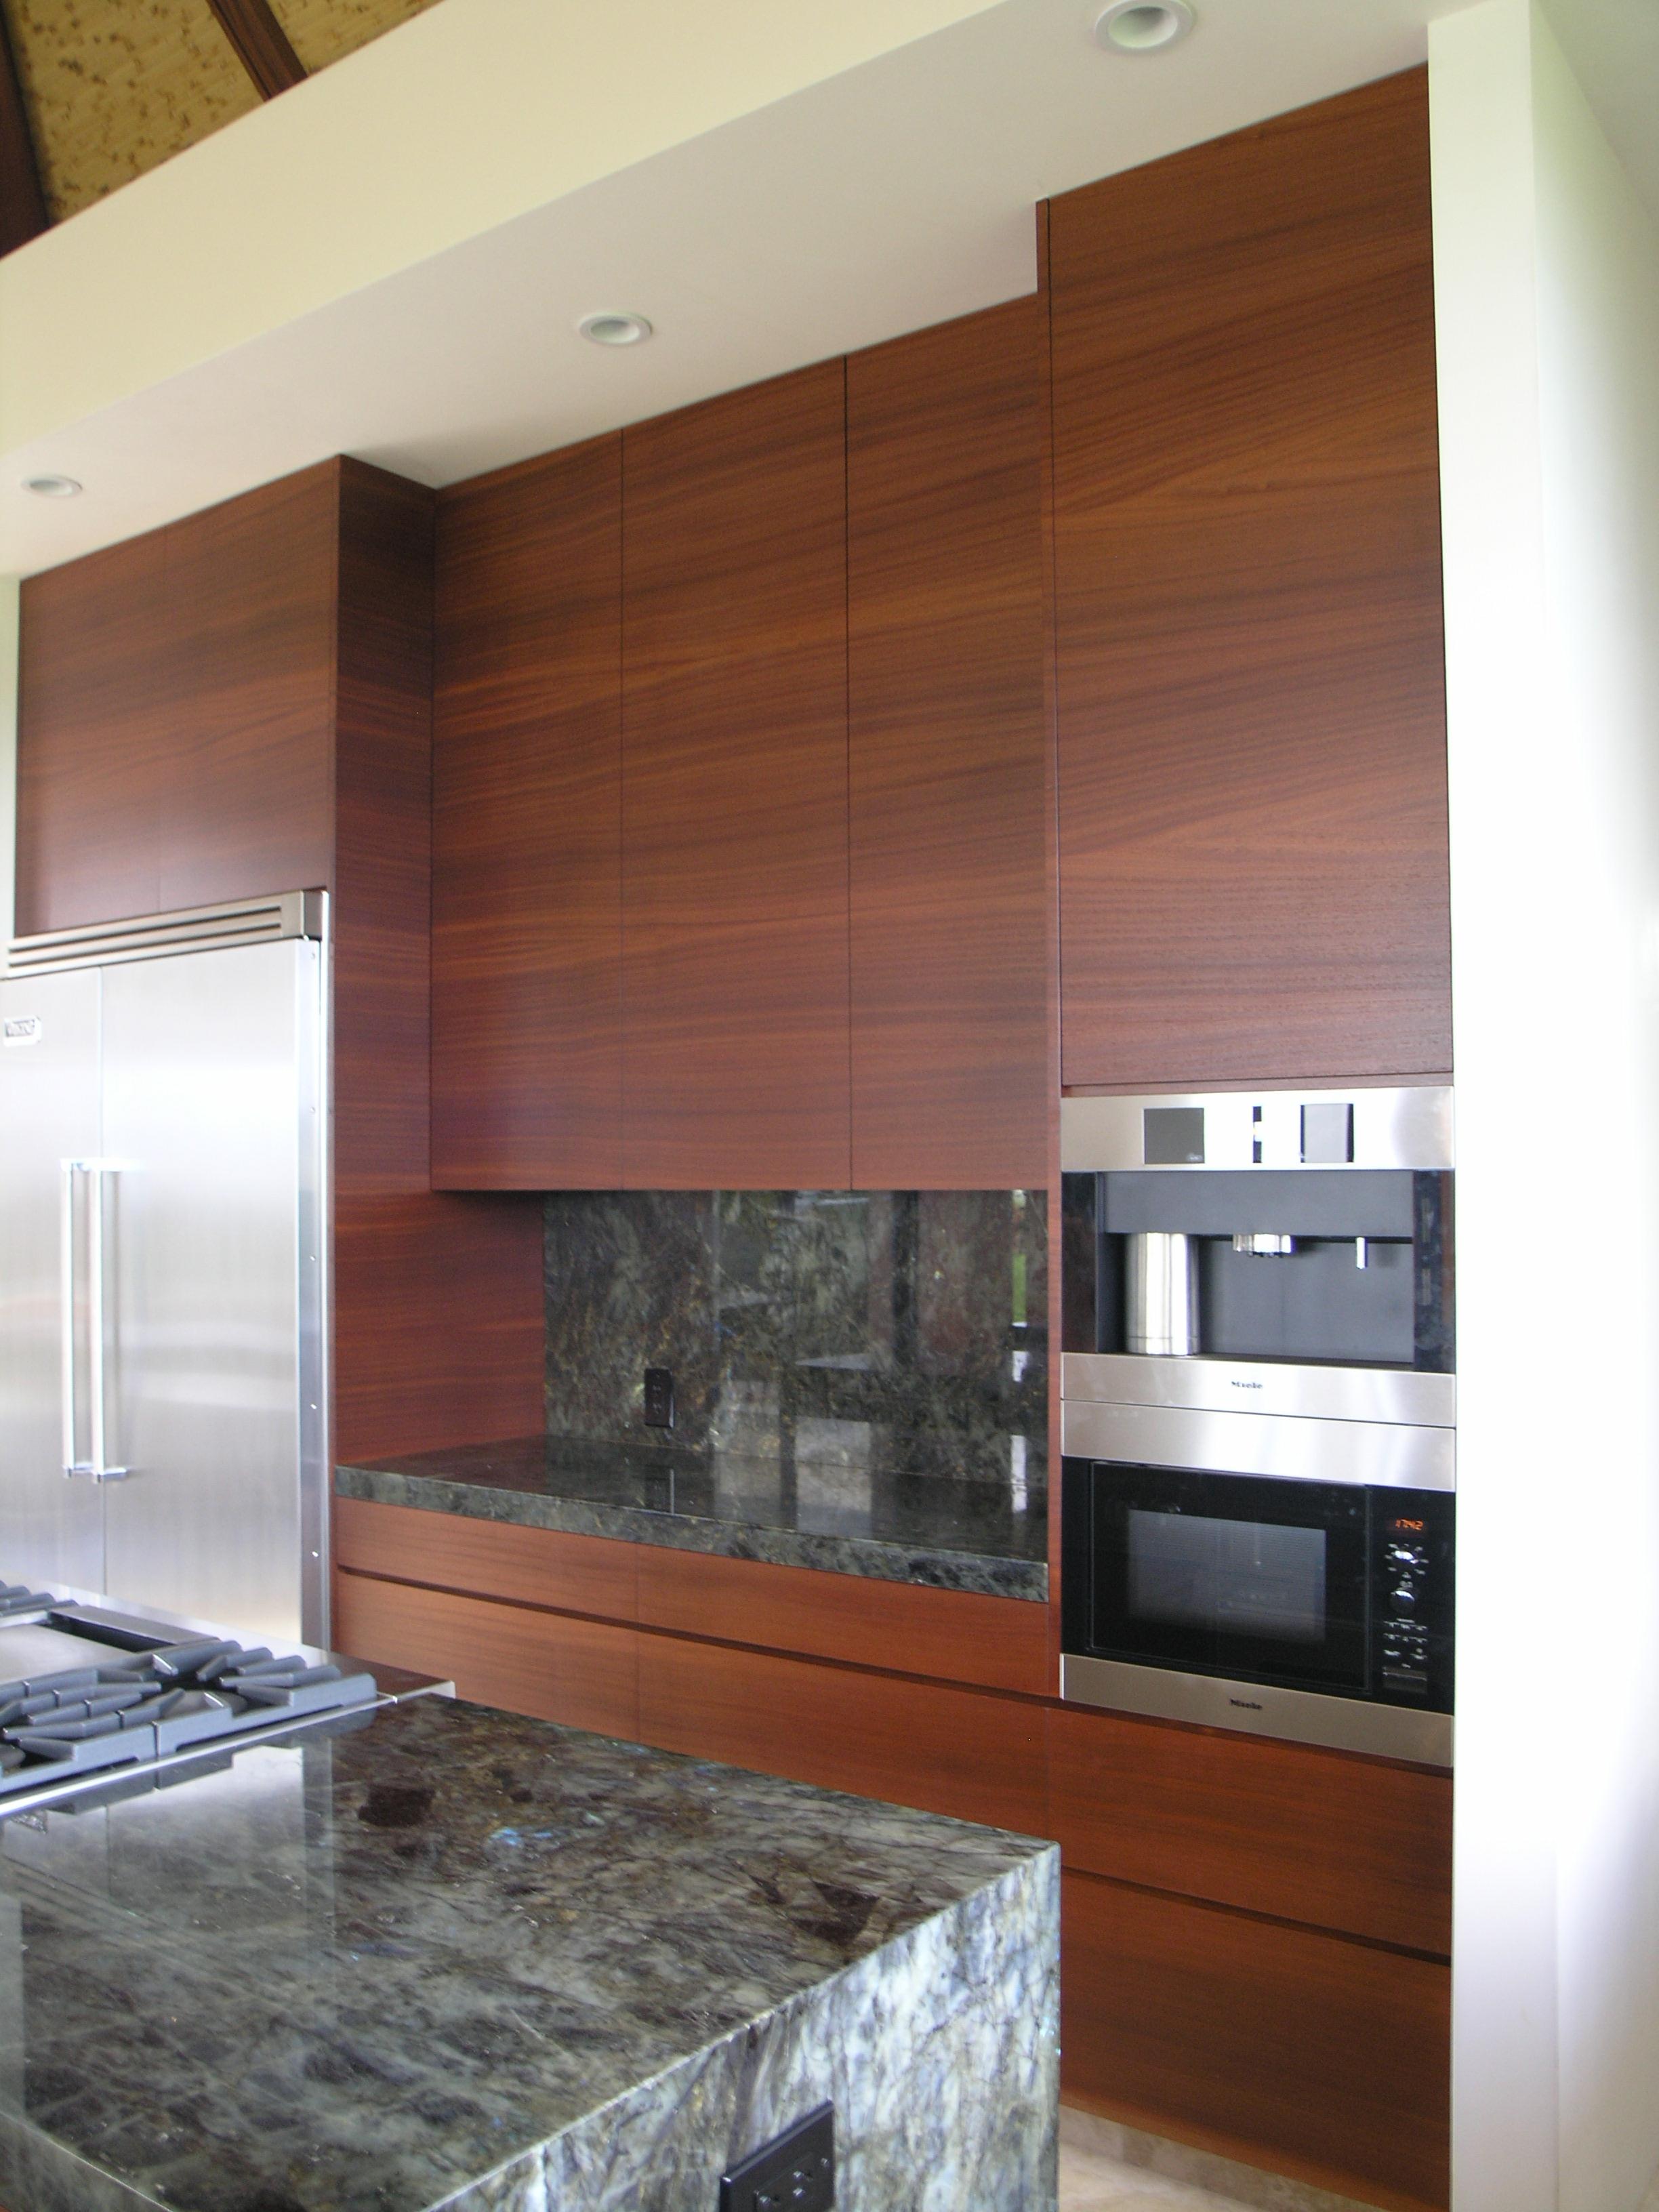 kitchens e range horizontal.JPG